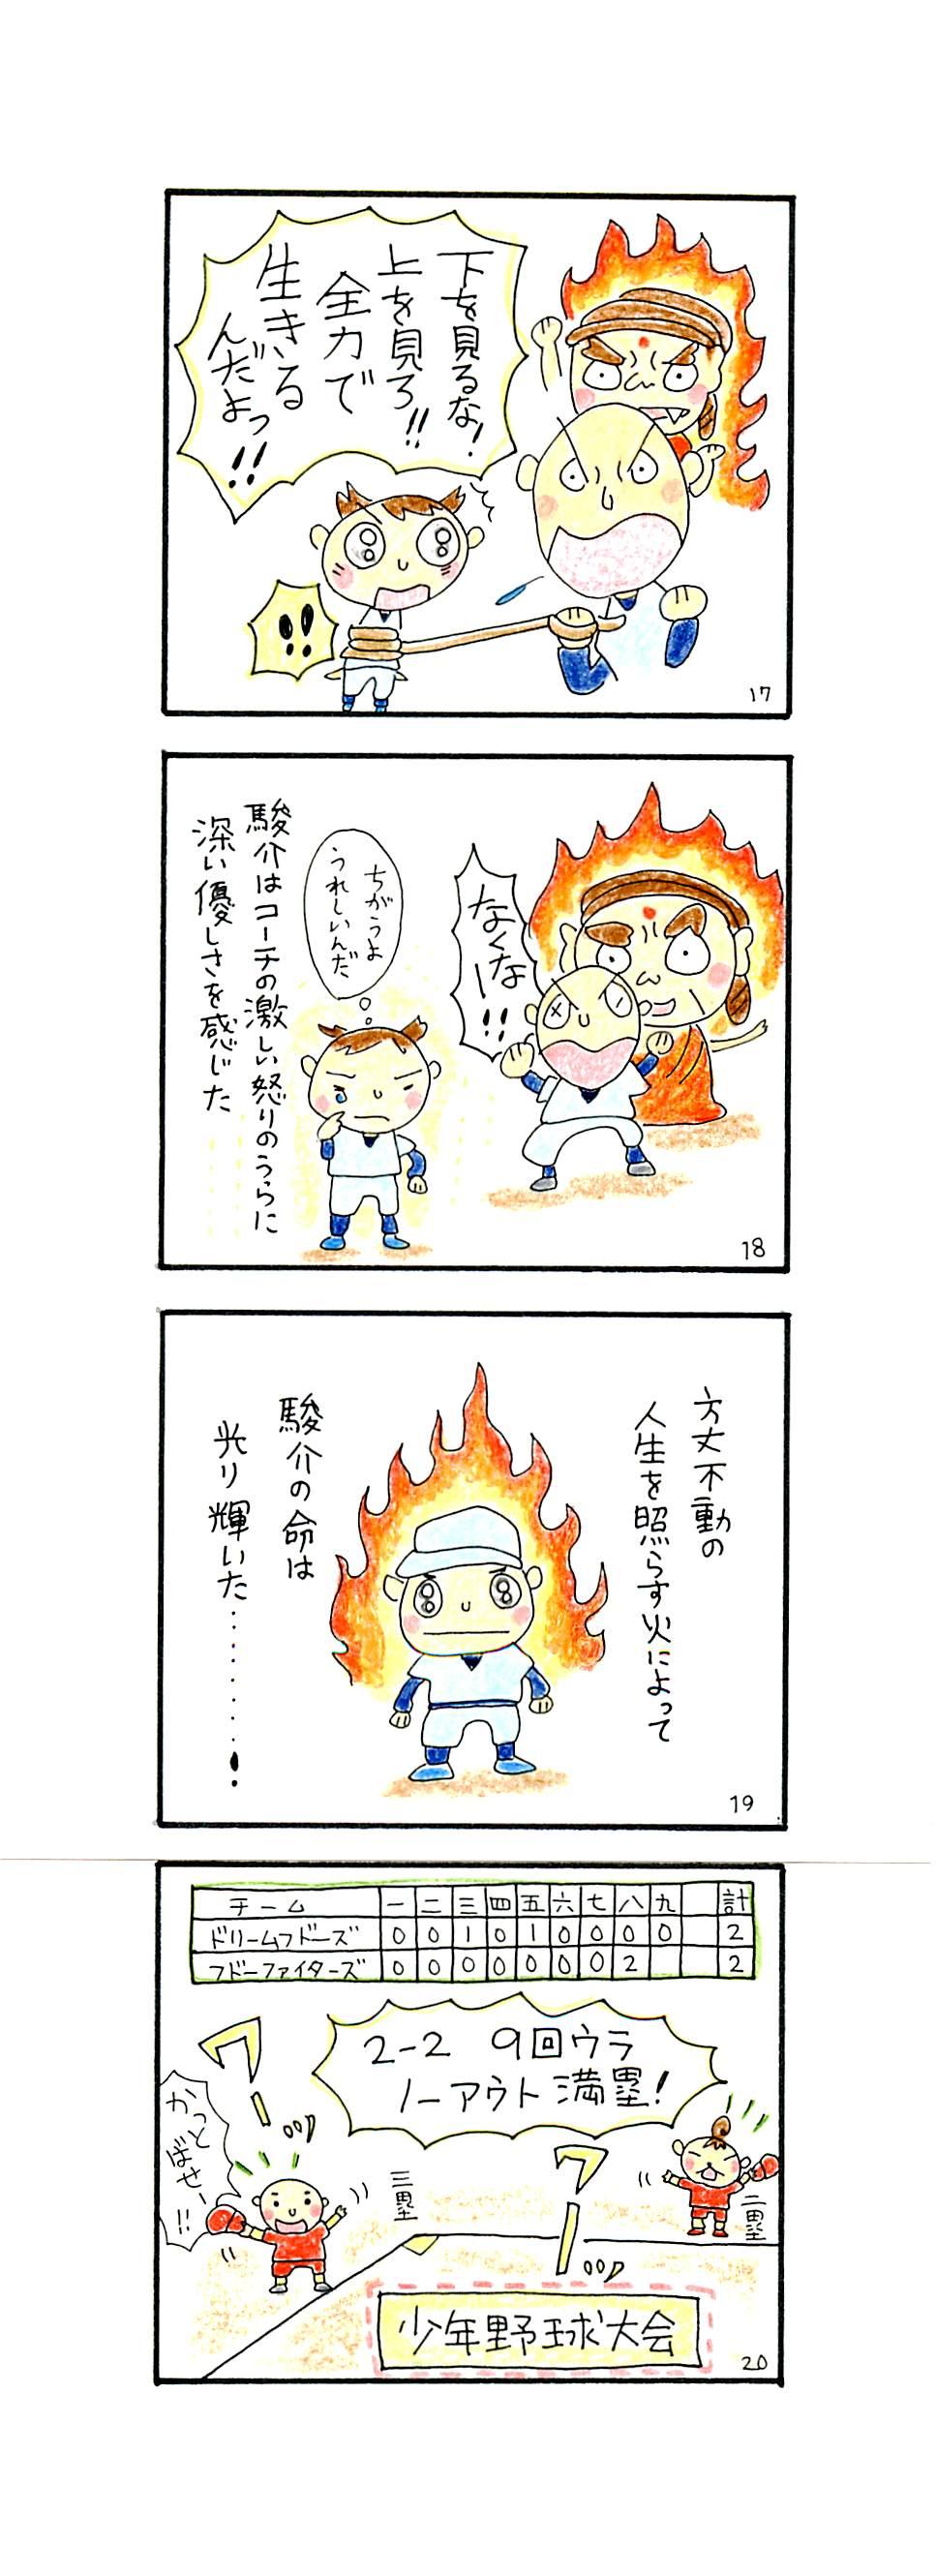 お不動さんp17-p20